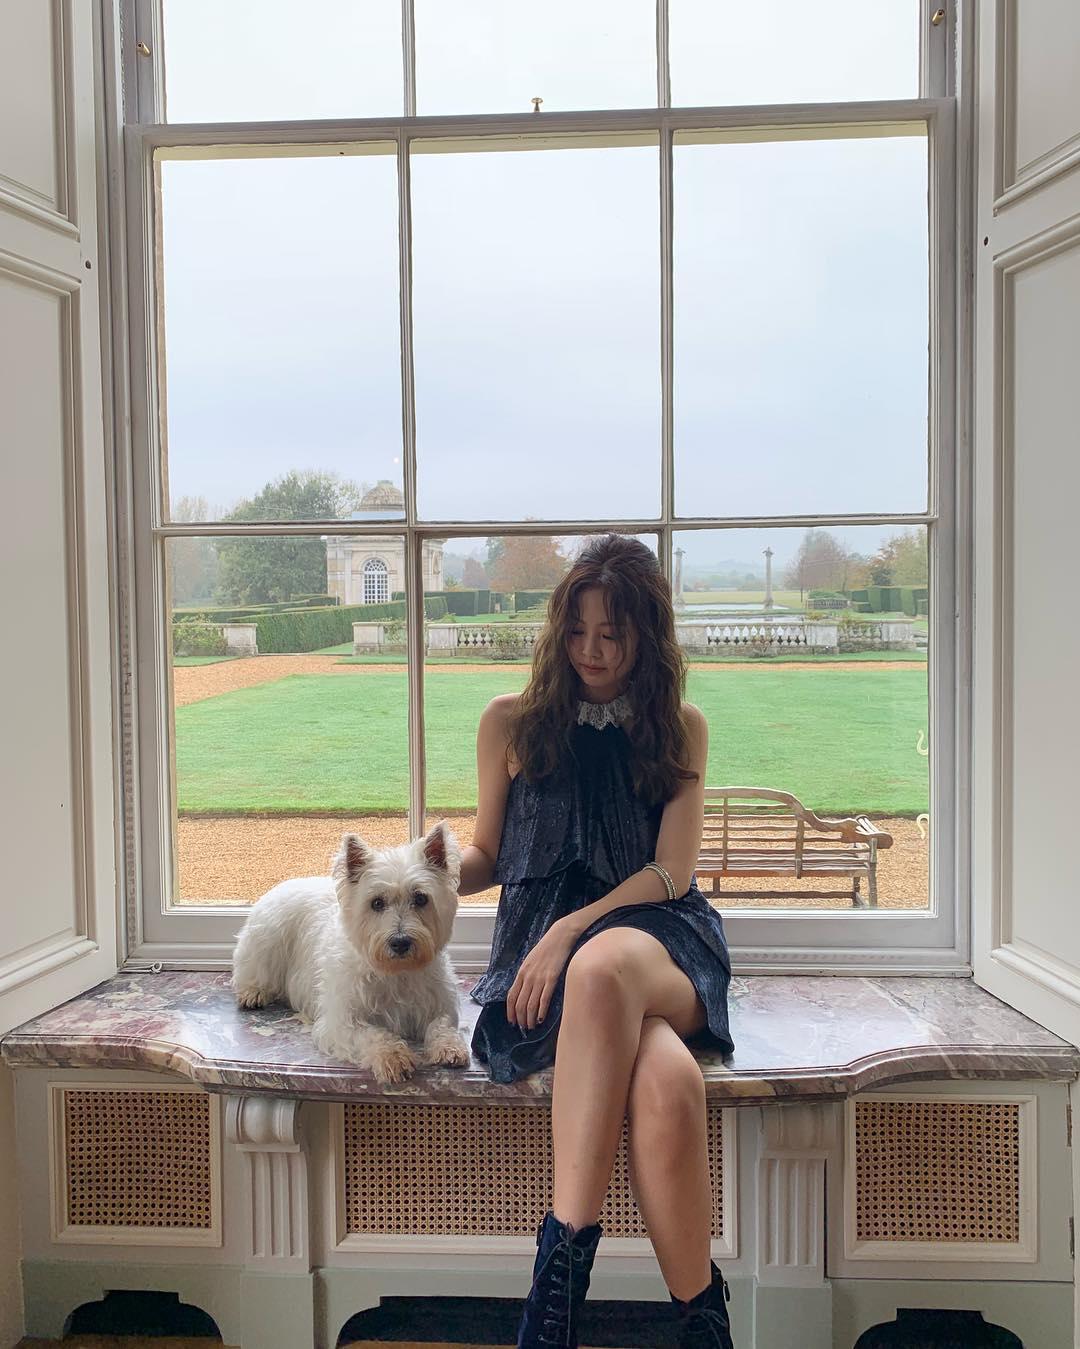 [分享]181113 爱狗人士的日常 JENNIE《SOLO》MV拍摄现场和狗狗互动敲有爱!